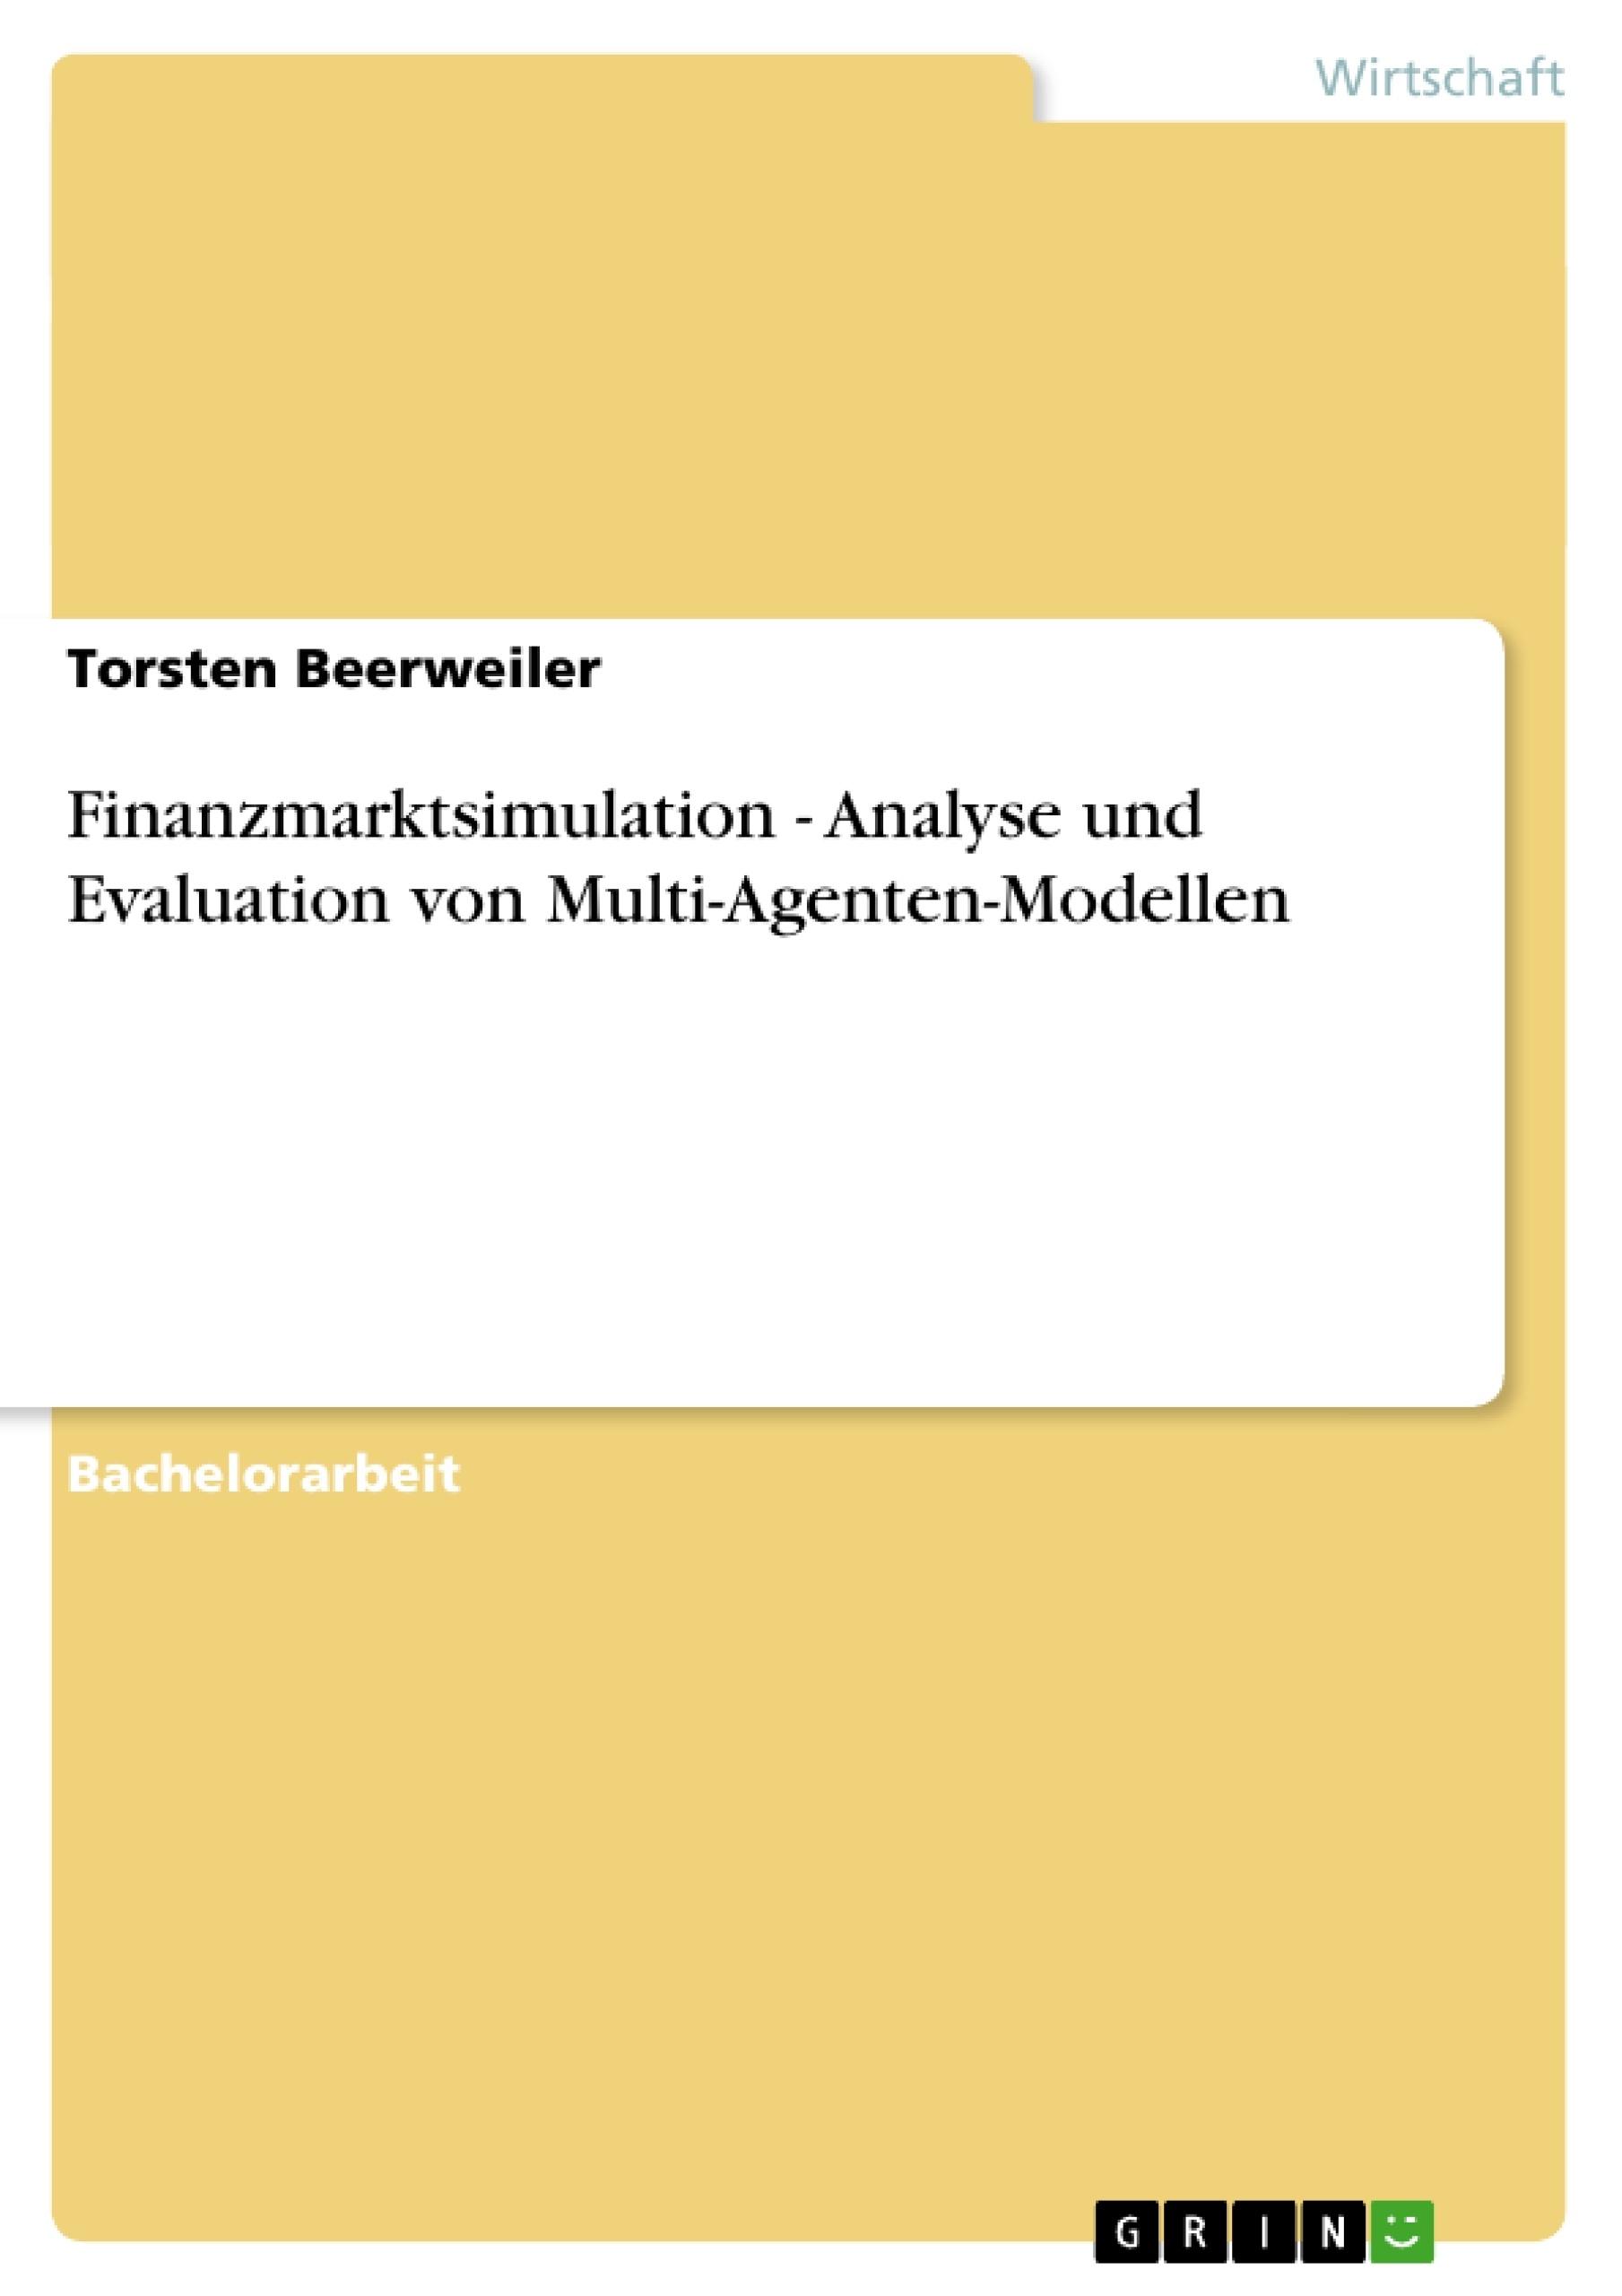 Titel: Finanzmarktsimulation - Analyse und Evaluation von Multi-Agenten-Modellen